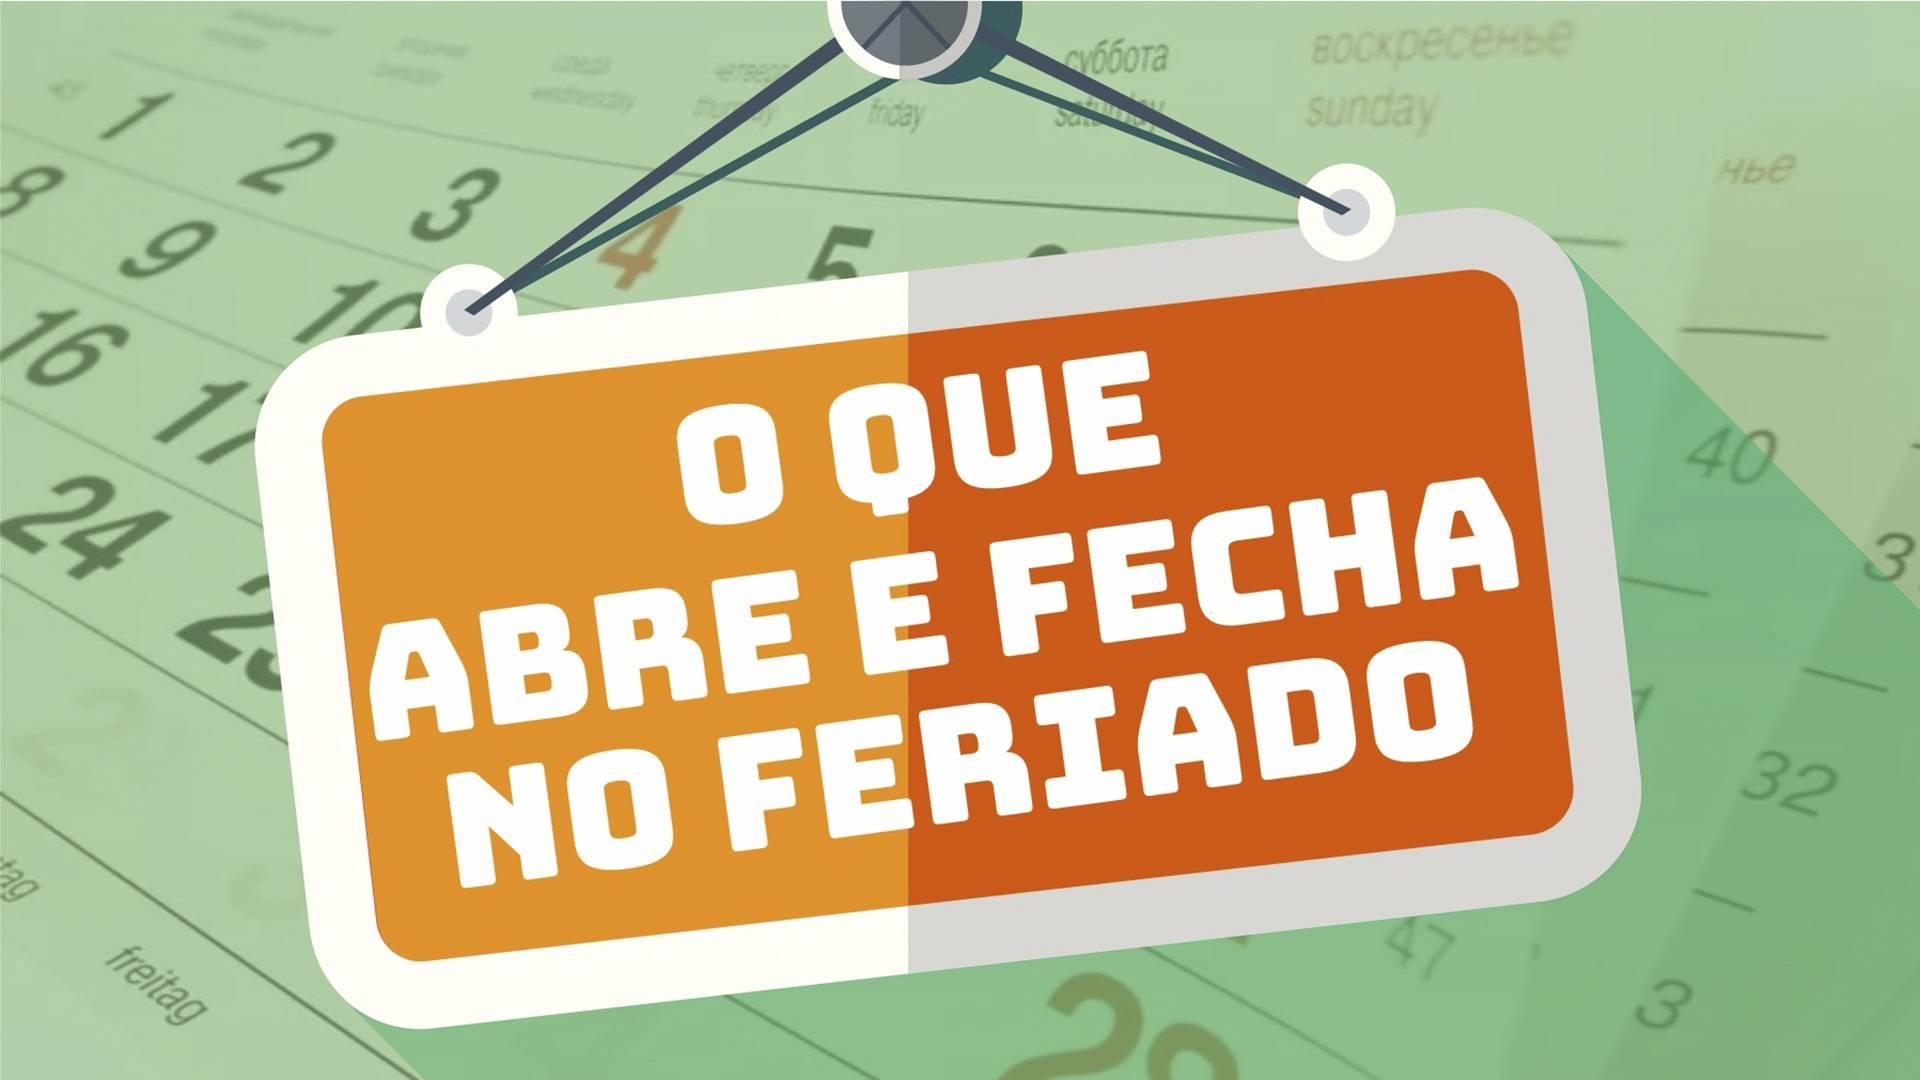 Abre e fecha: Confira o funcionamento dos serviços no feriado de Tiradentes